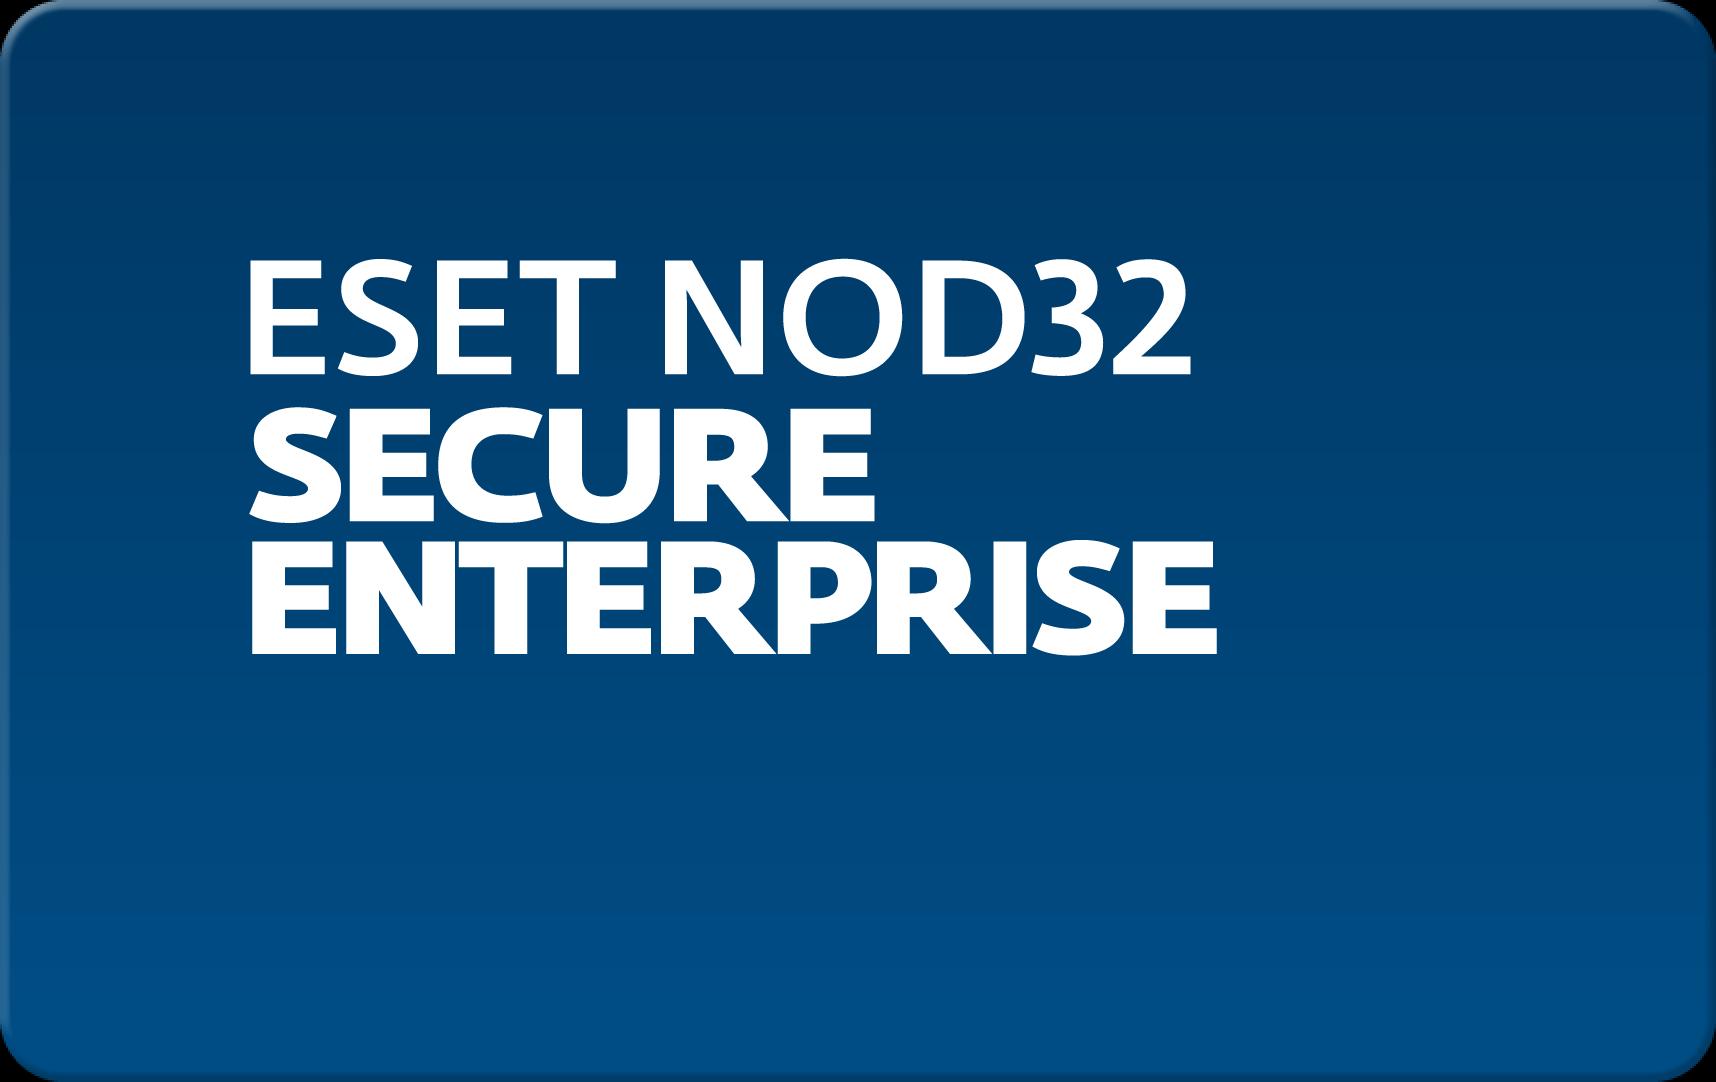 Кроссплатформенная антивирусная защита всех узлов корпоративной сети Eset NOD32 Secure Enterprise  для 190 пользователей